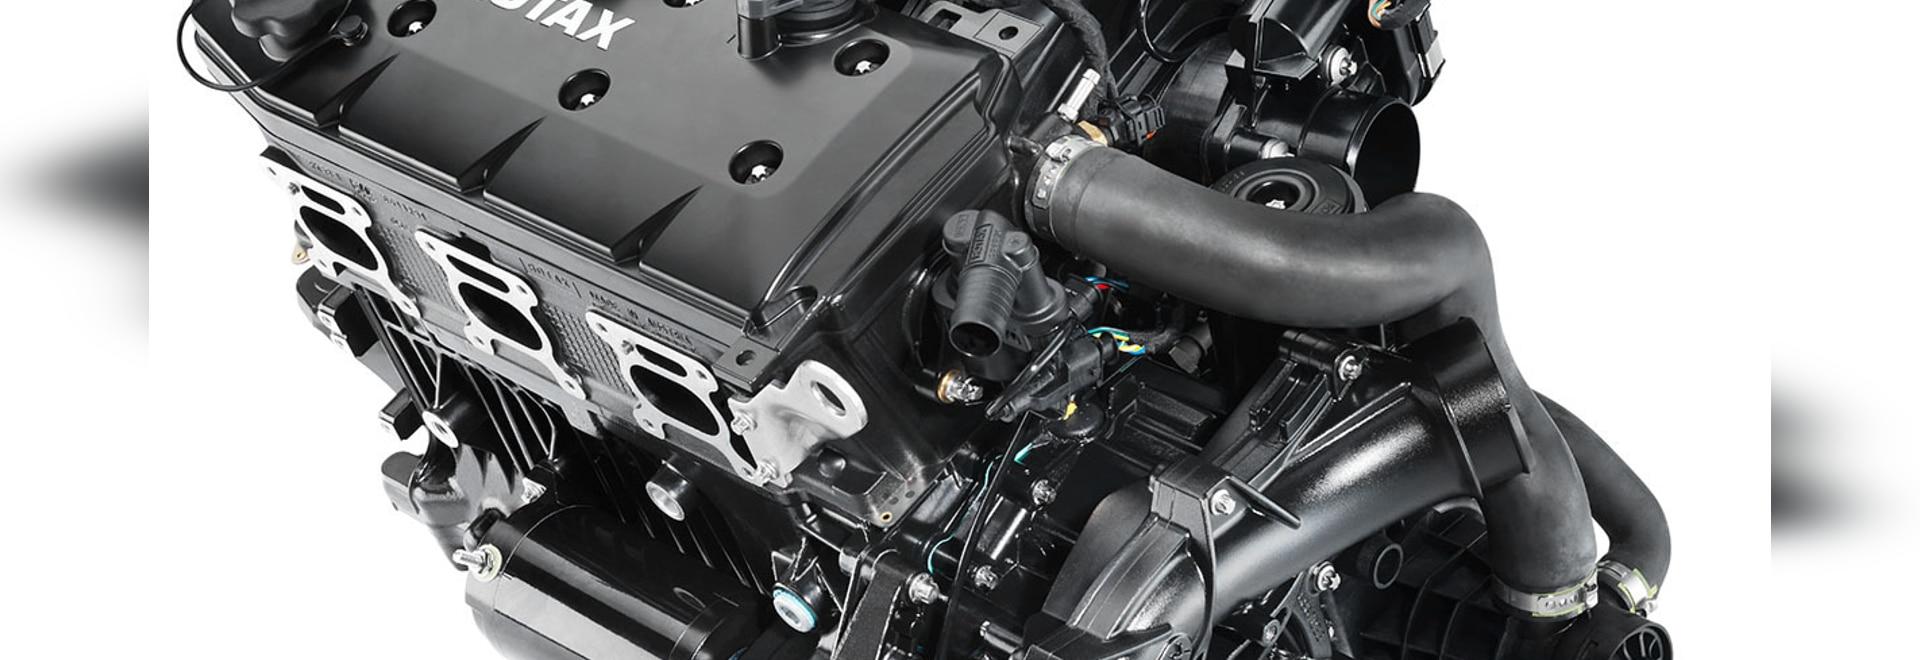 Le Rotax le CÆ 300 comporte un déplacement de 1,6 litres, le surchauffeur avec une roue de 32 lames et le grand refroidisseur intermédiaire. Crédit : BRP